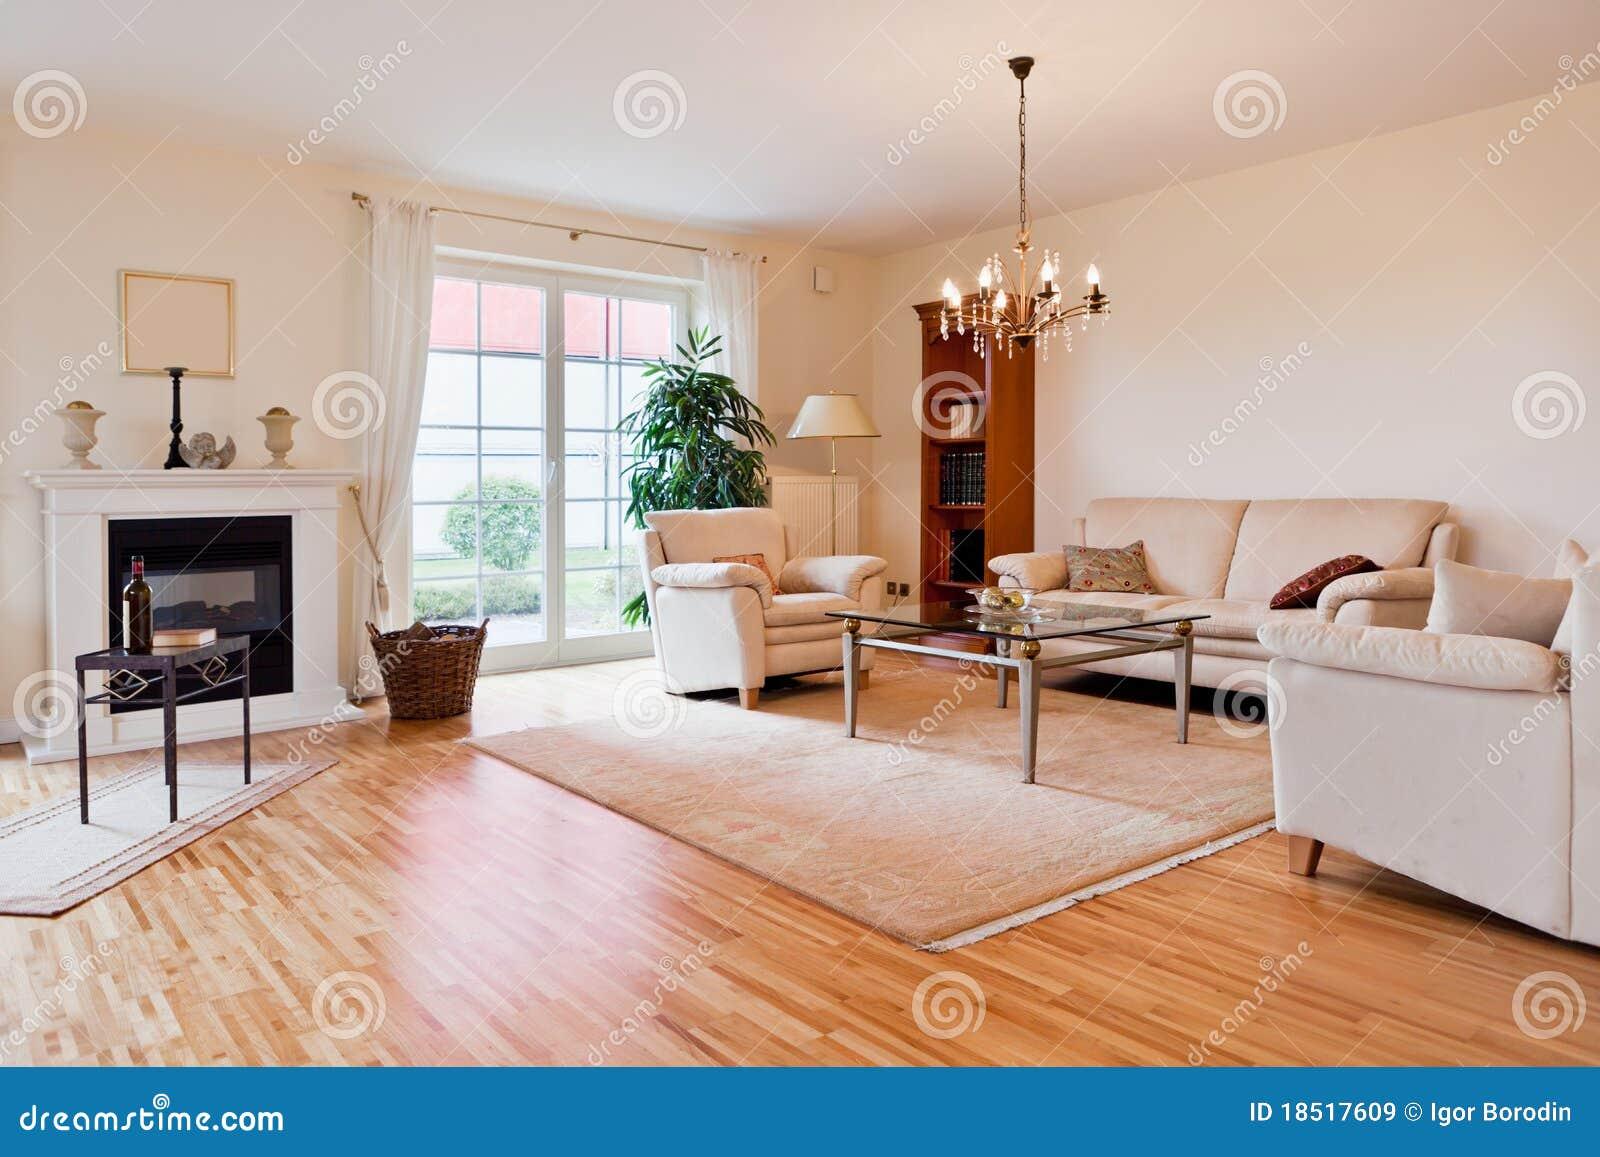 Modernes haus wohnzimmer stockbild bild von stuhl for Modernes haus wohnzimmer